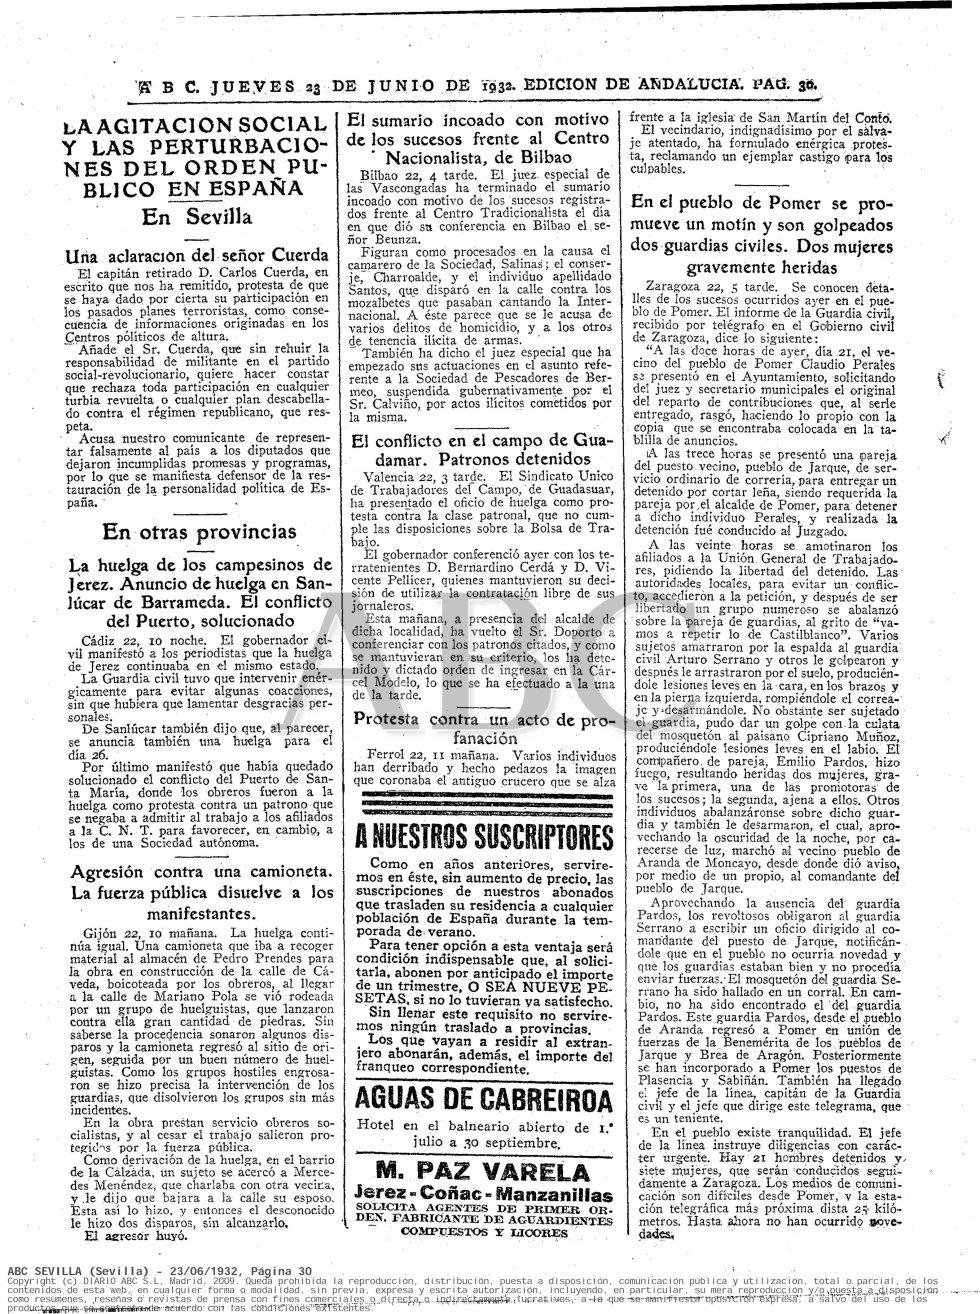 Periódico ABC. Fecha: 23 de junio de 1932. Edición de Andalucía. Pág. 30. Enlace: http://hemeroteca.abc.es/nav/Navigate.exe/hemeroteca/sevilla/abc.sevilla/1932/06/23/030.html